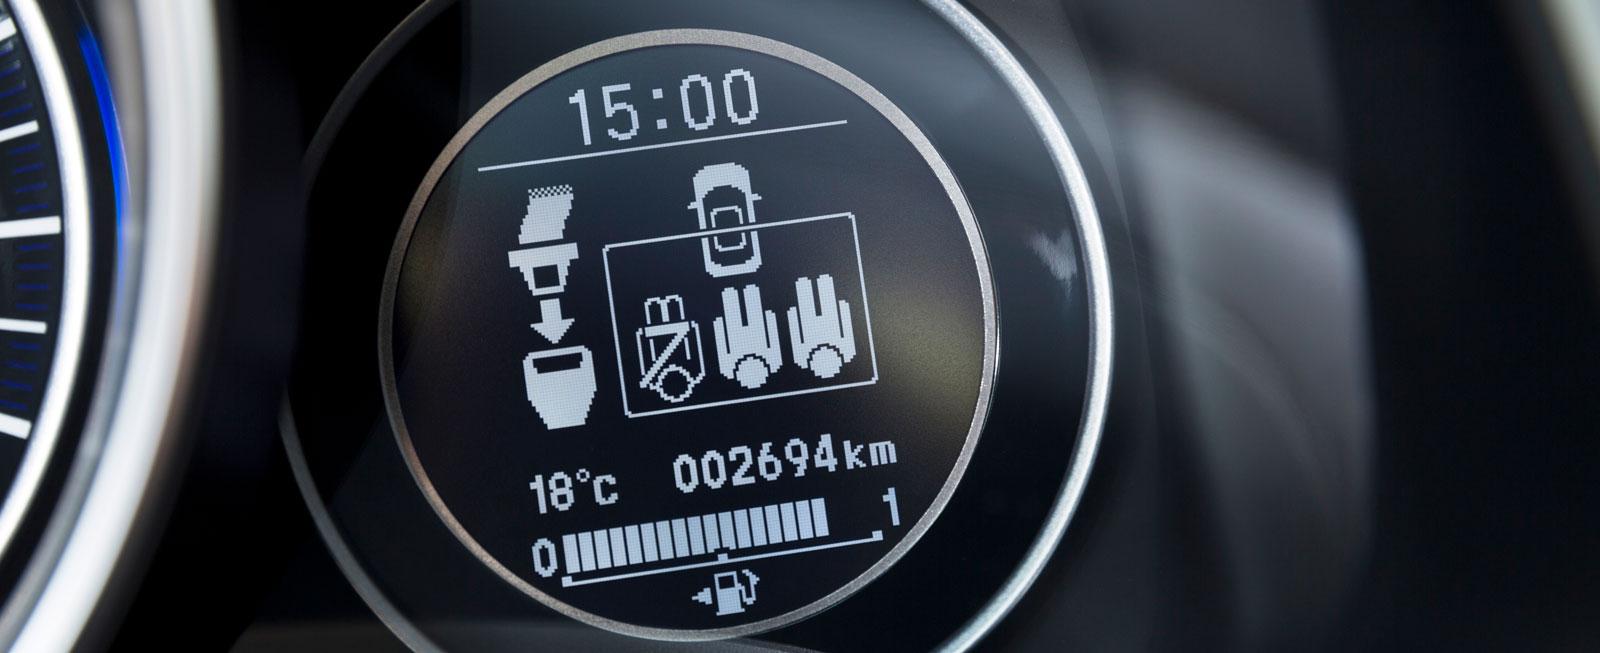 Honda har tydlig bältesinformation i färddatorfönstret.